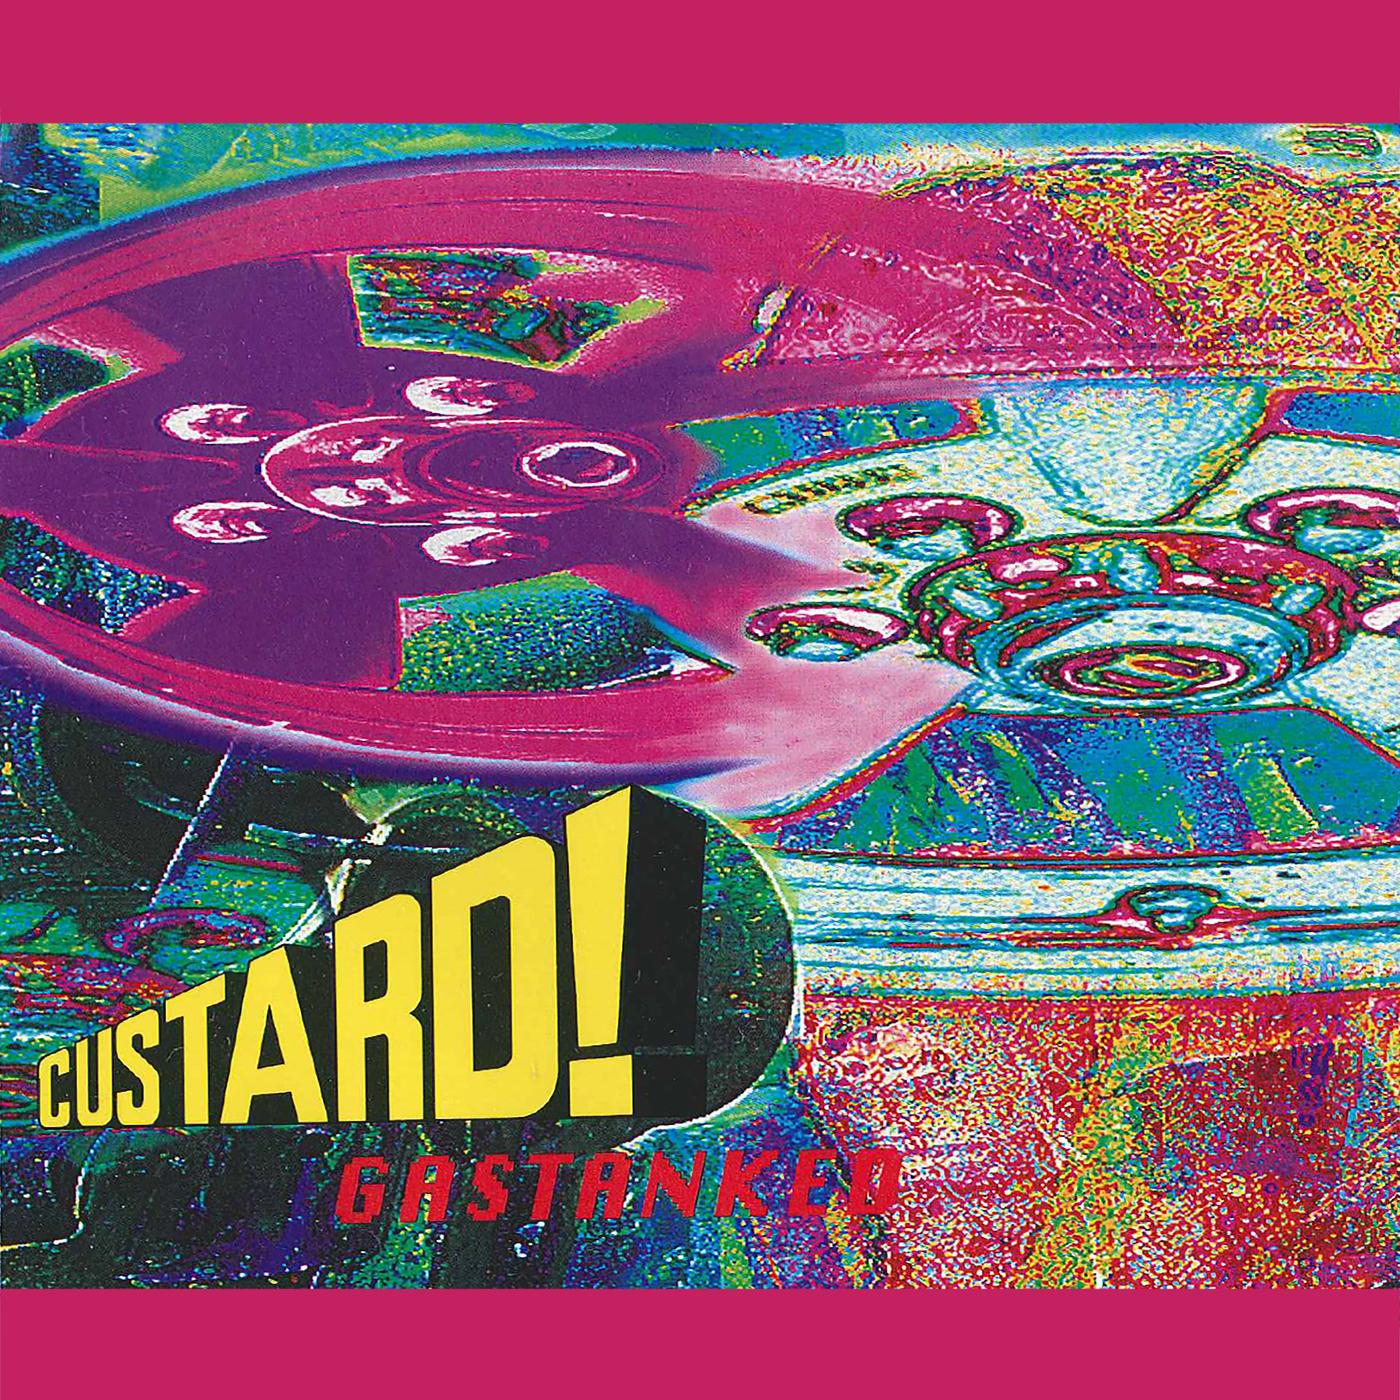 Gastanked - Custard